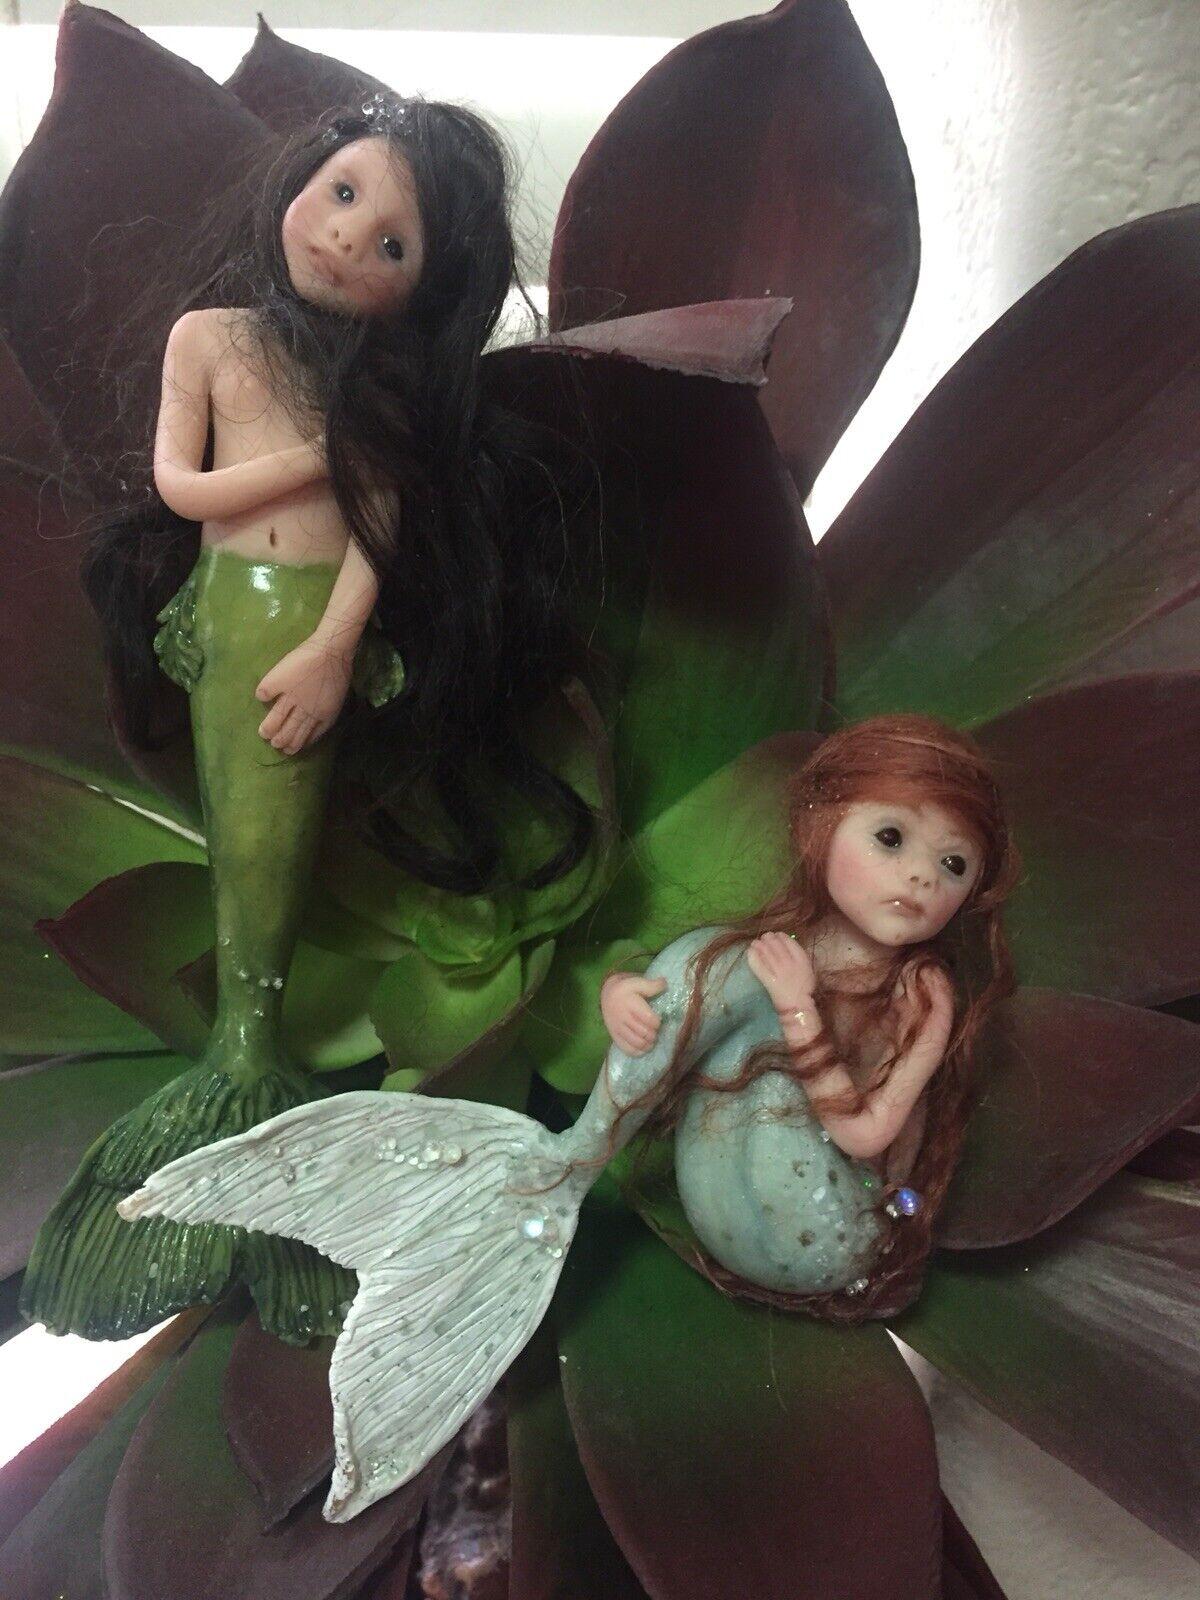 OOAK mano esculpida arcilla Sirena hermanas figurillas en miniatura muñeca